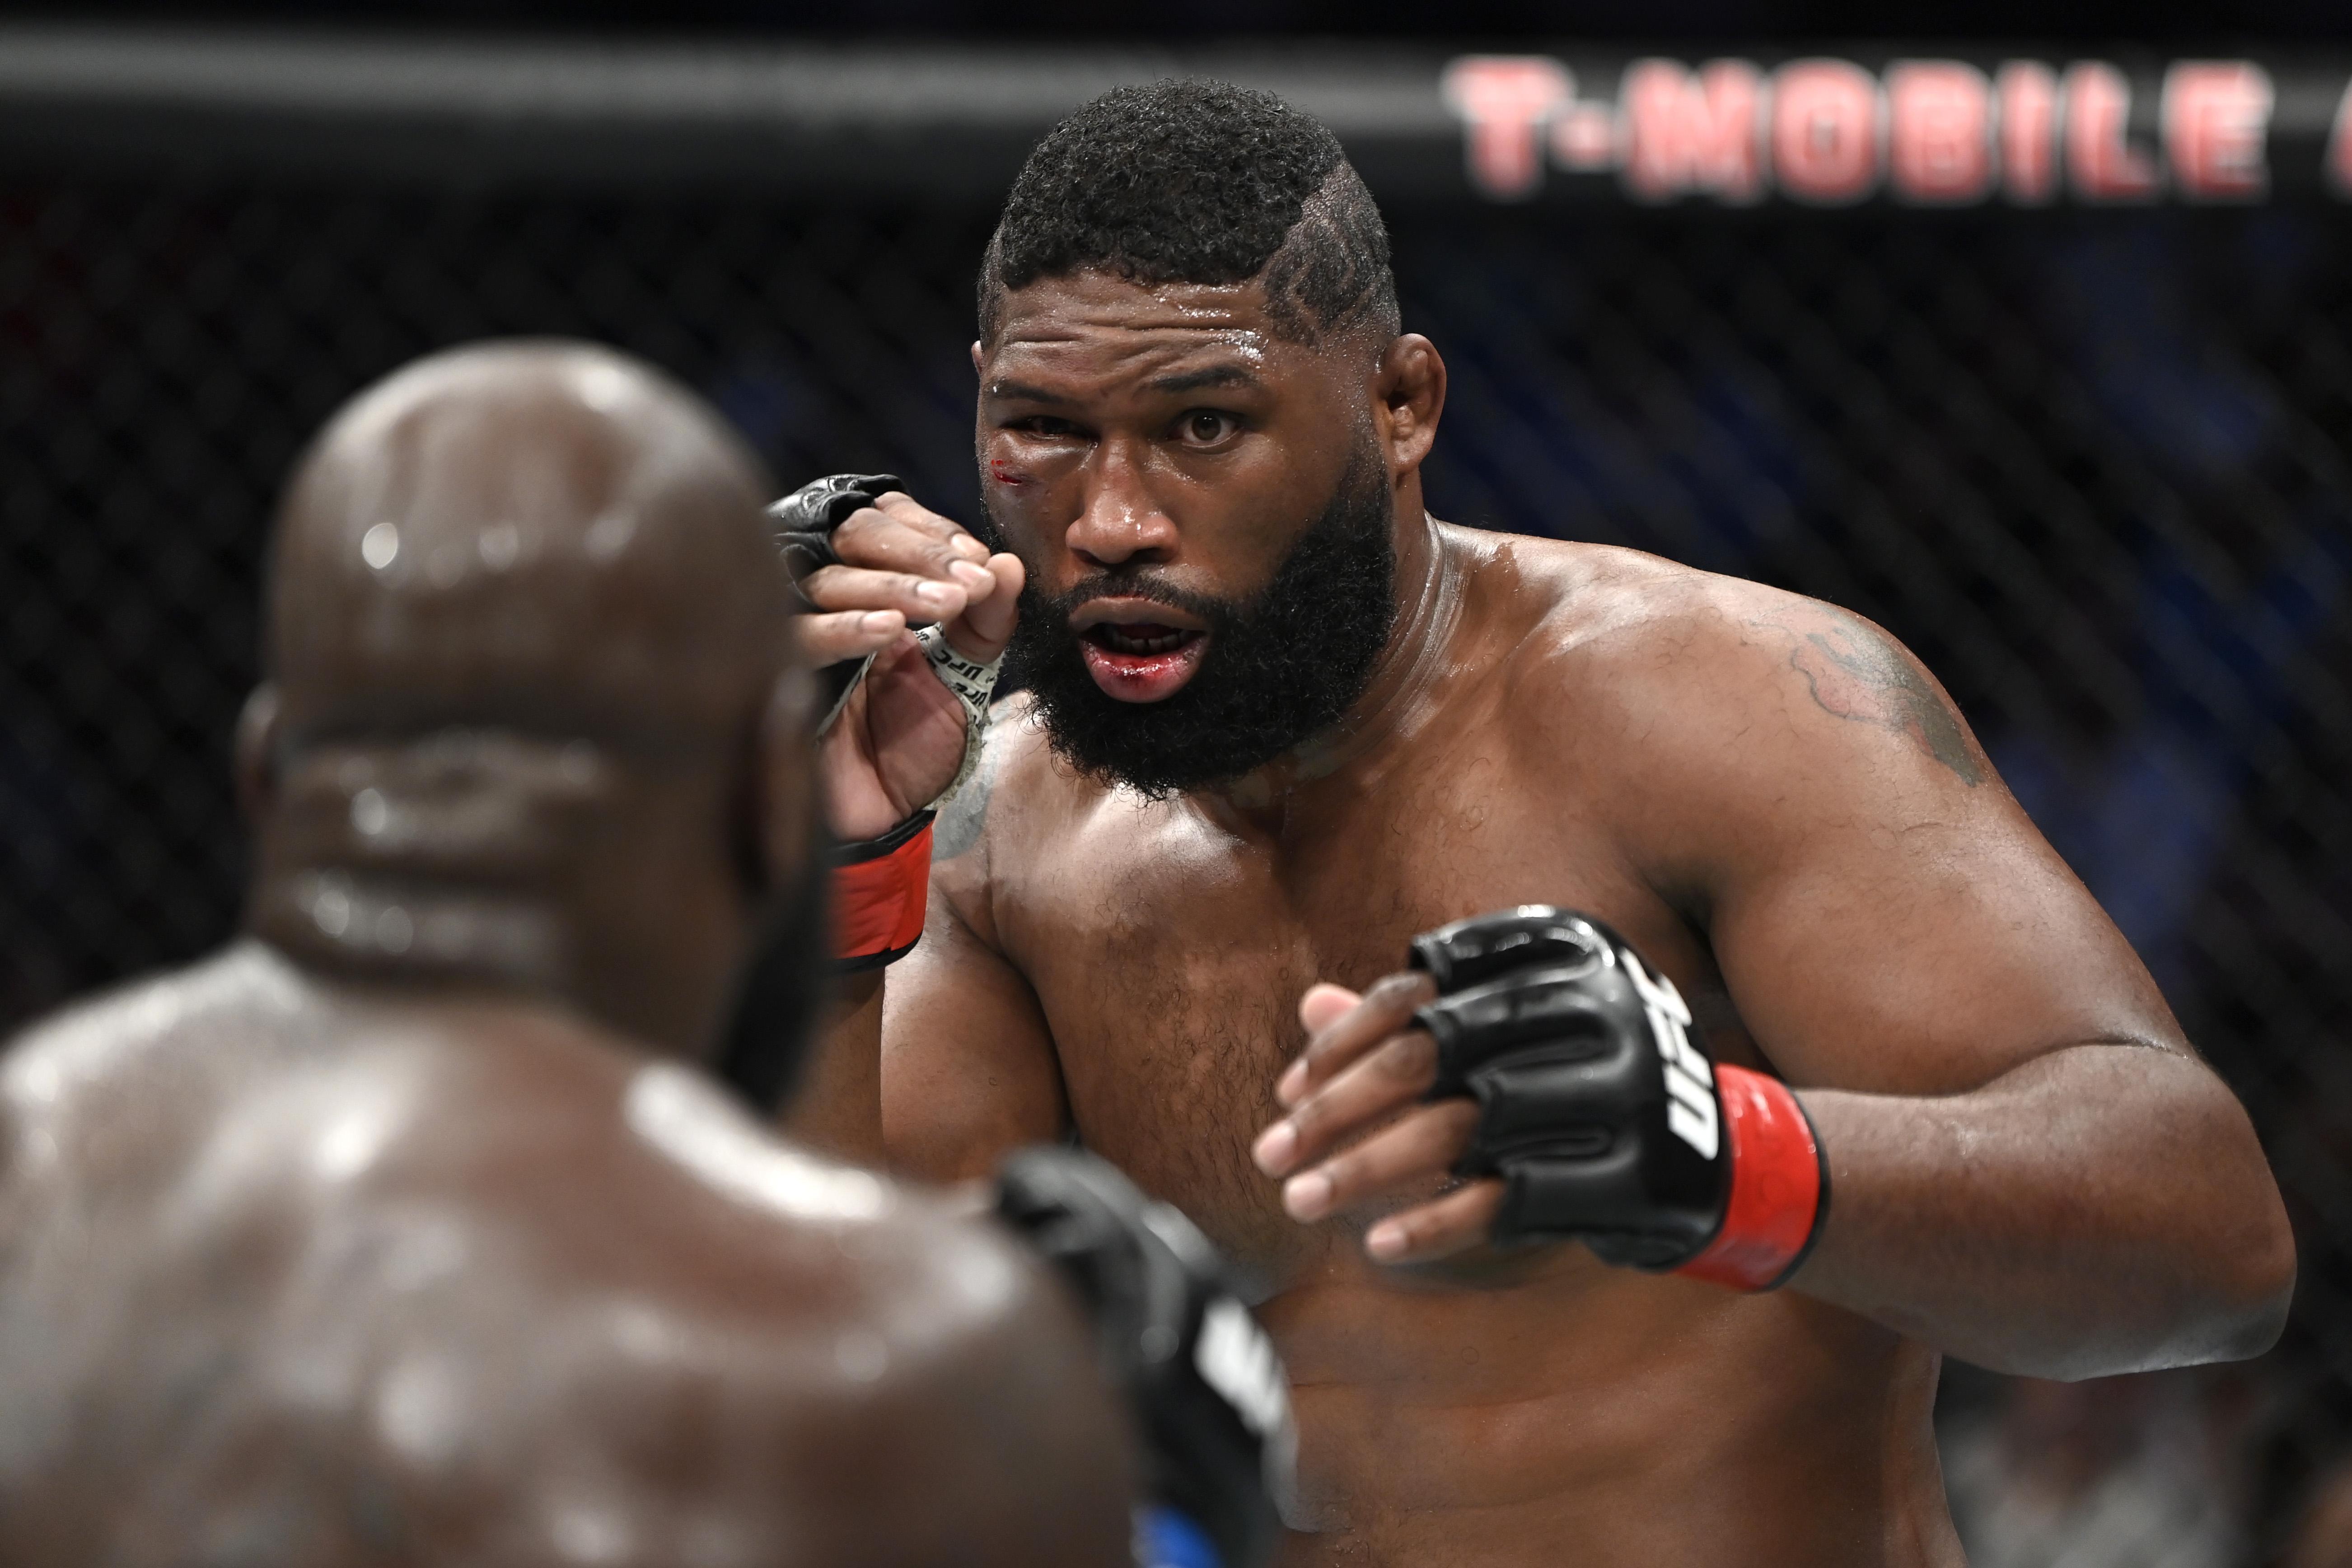 Curtis Blaydes defeated Jairzinho Rozenstruik at UFC 266.